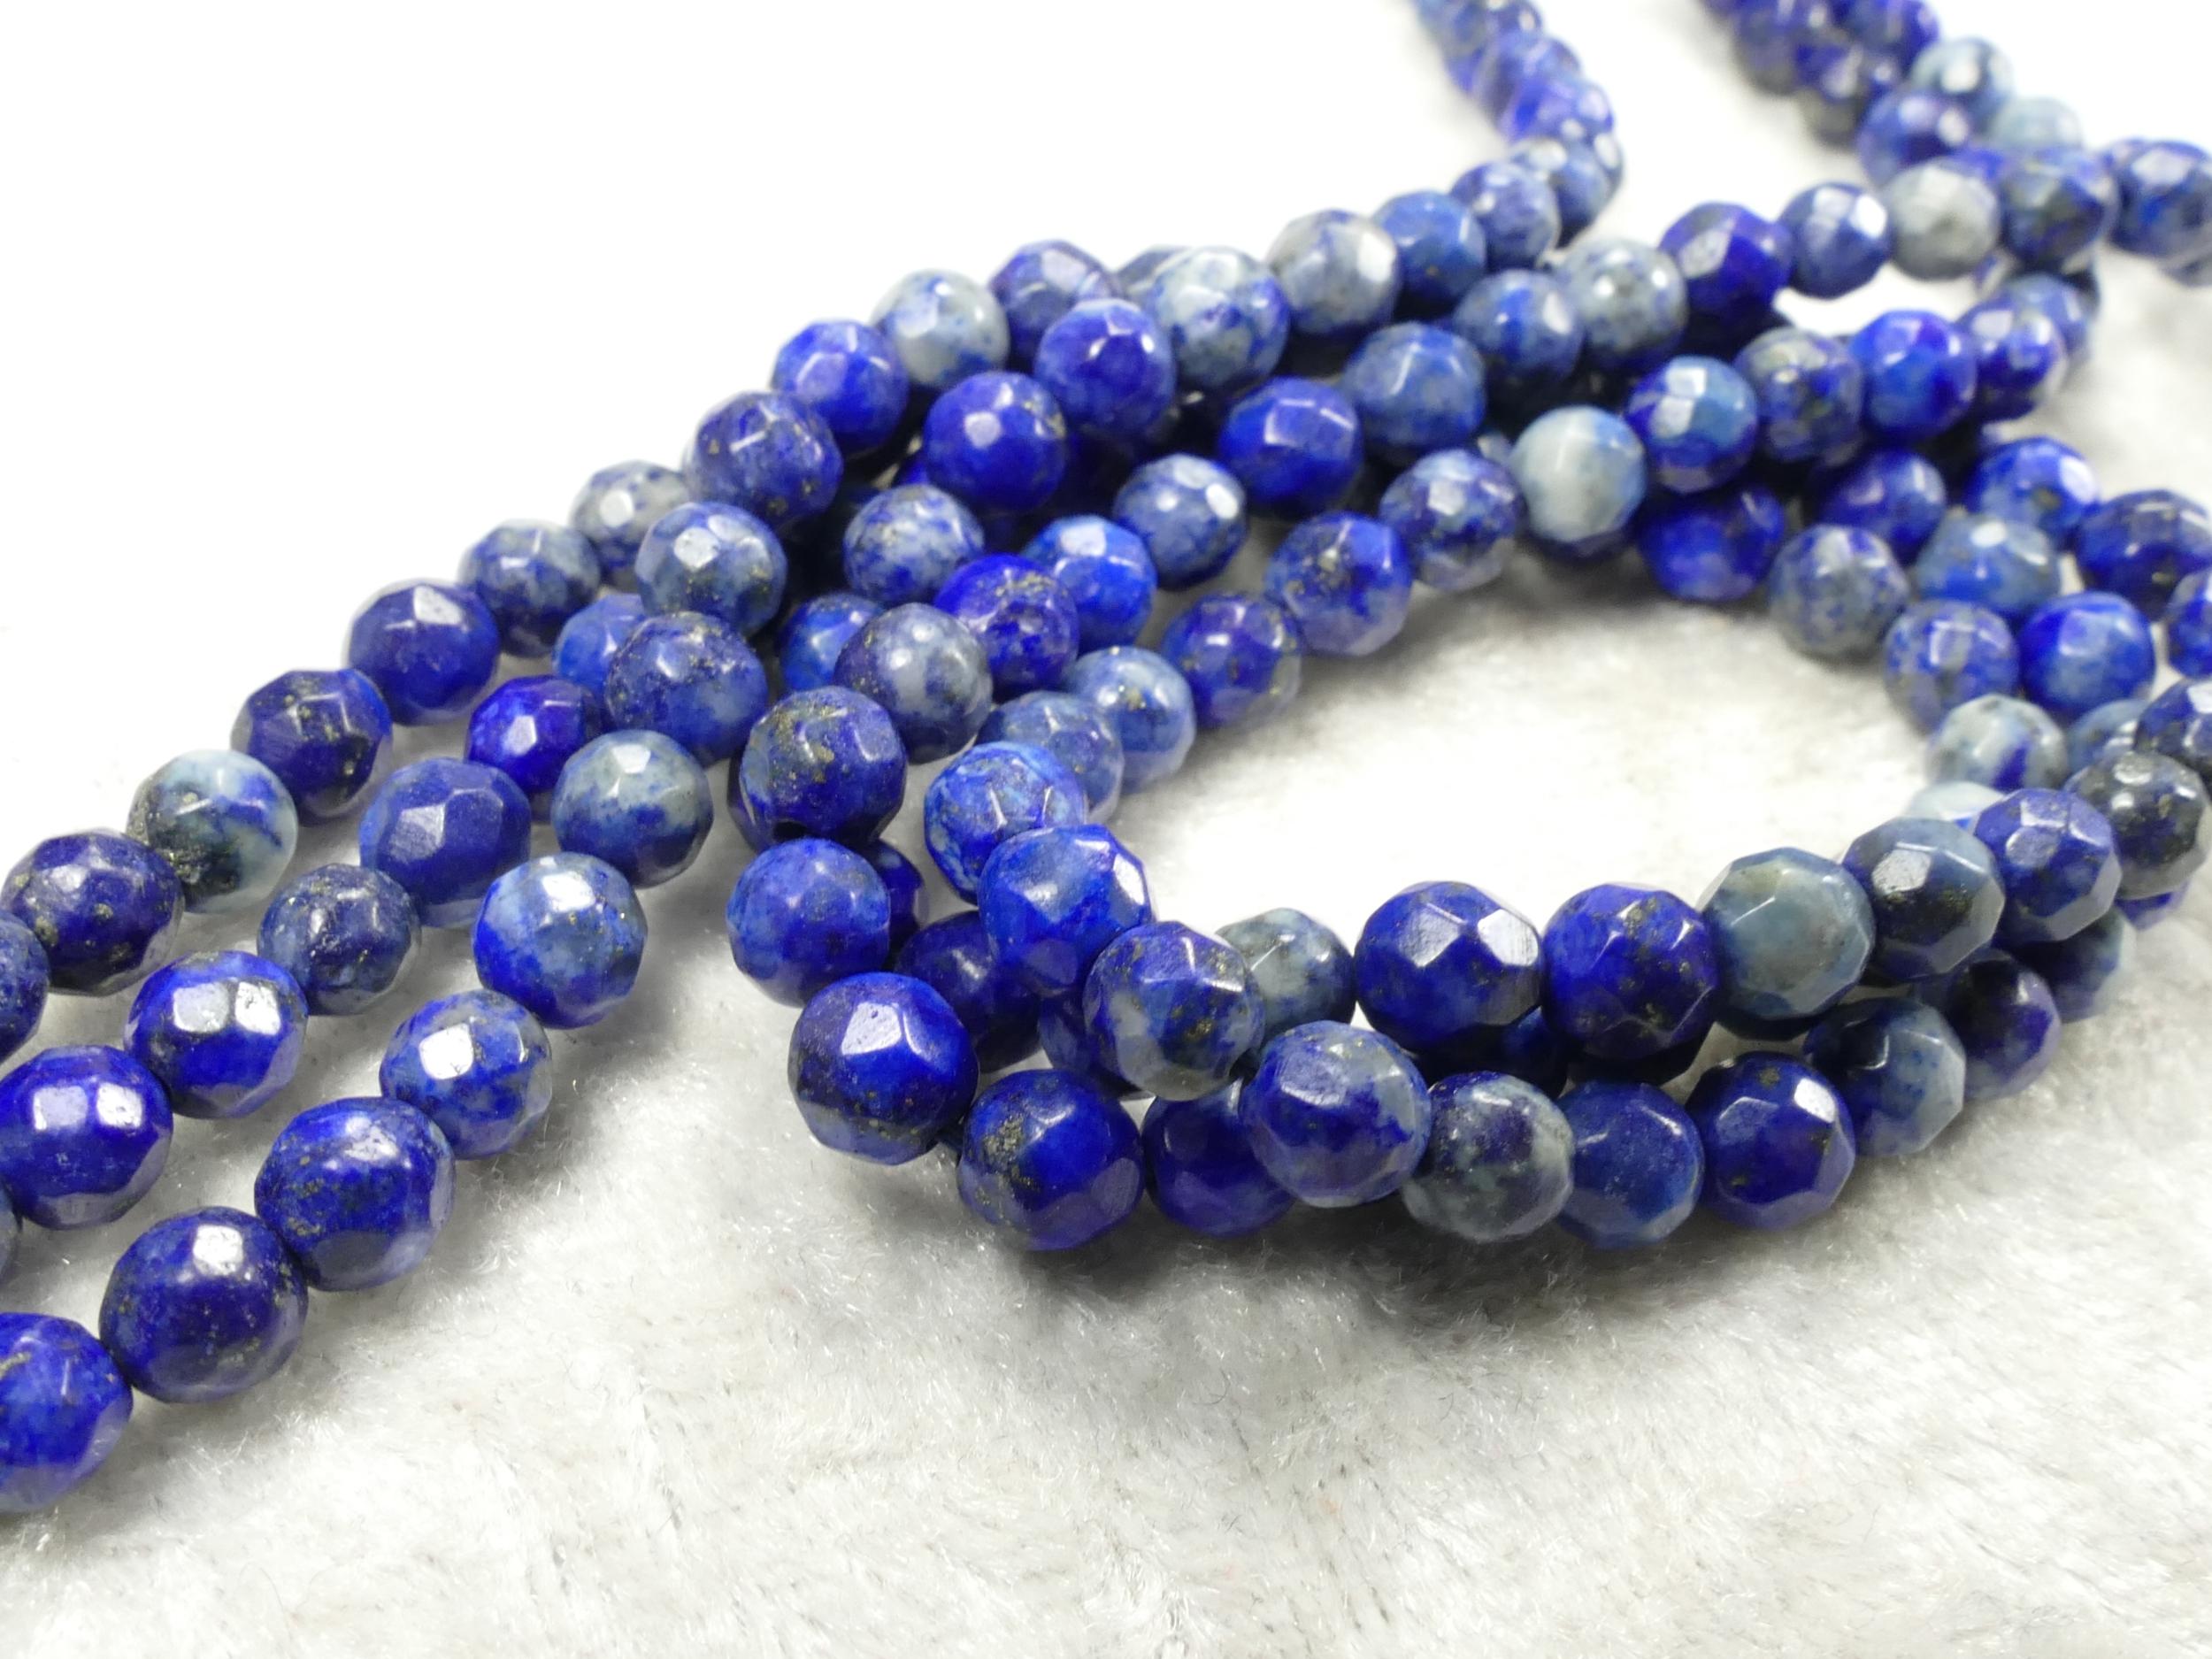 4.5/4.9mm Perle Lapis lazuli entièrement naturel en boule ronde facettée Afghanistan x20cm (7.8inch) (#AC710)